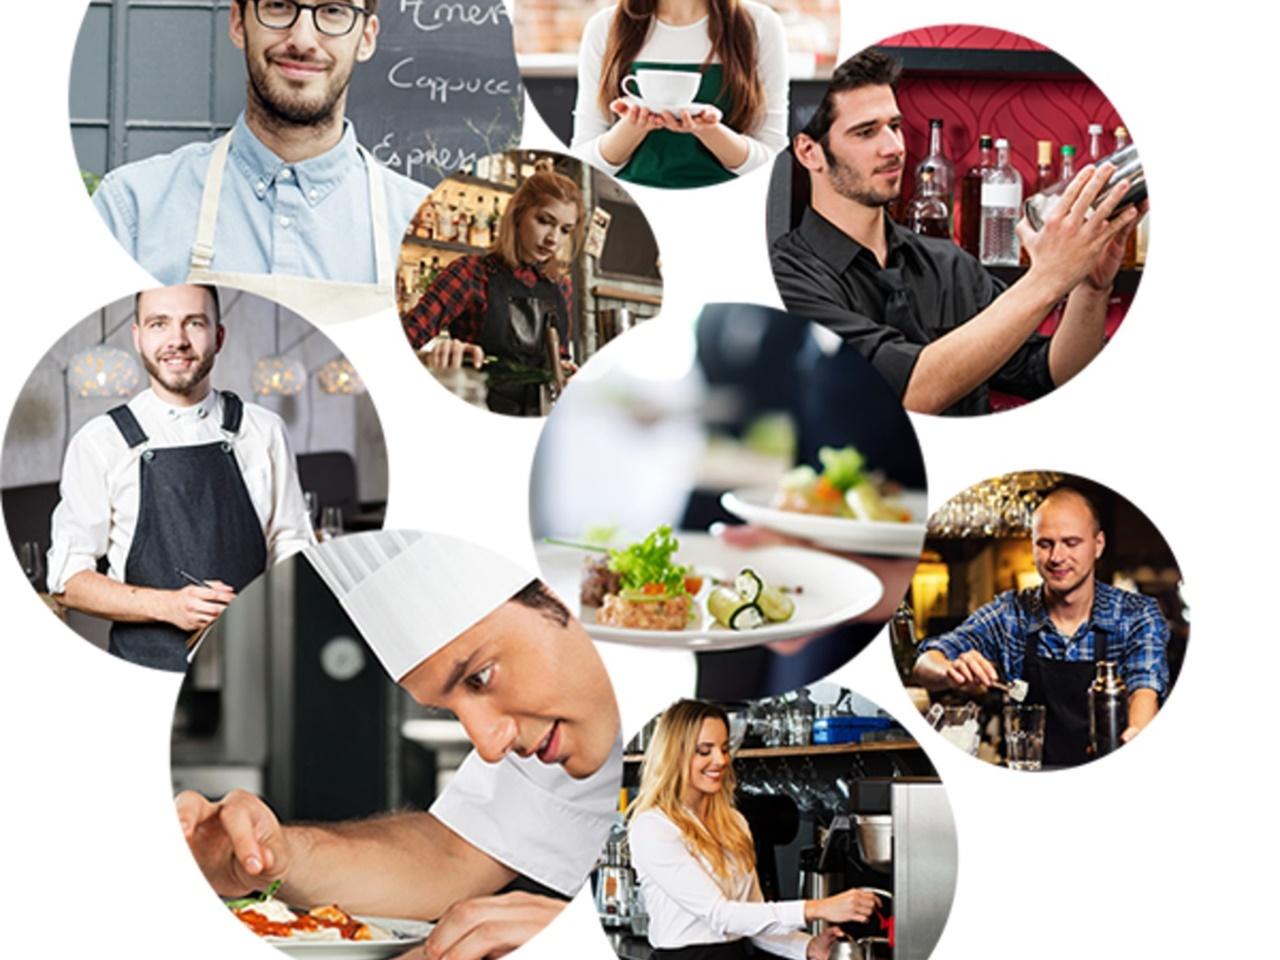 Hospitality đòi hỏi những tố chất đặc trưng và sự phù hợp để hoạt động trong ngành